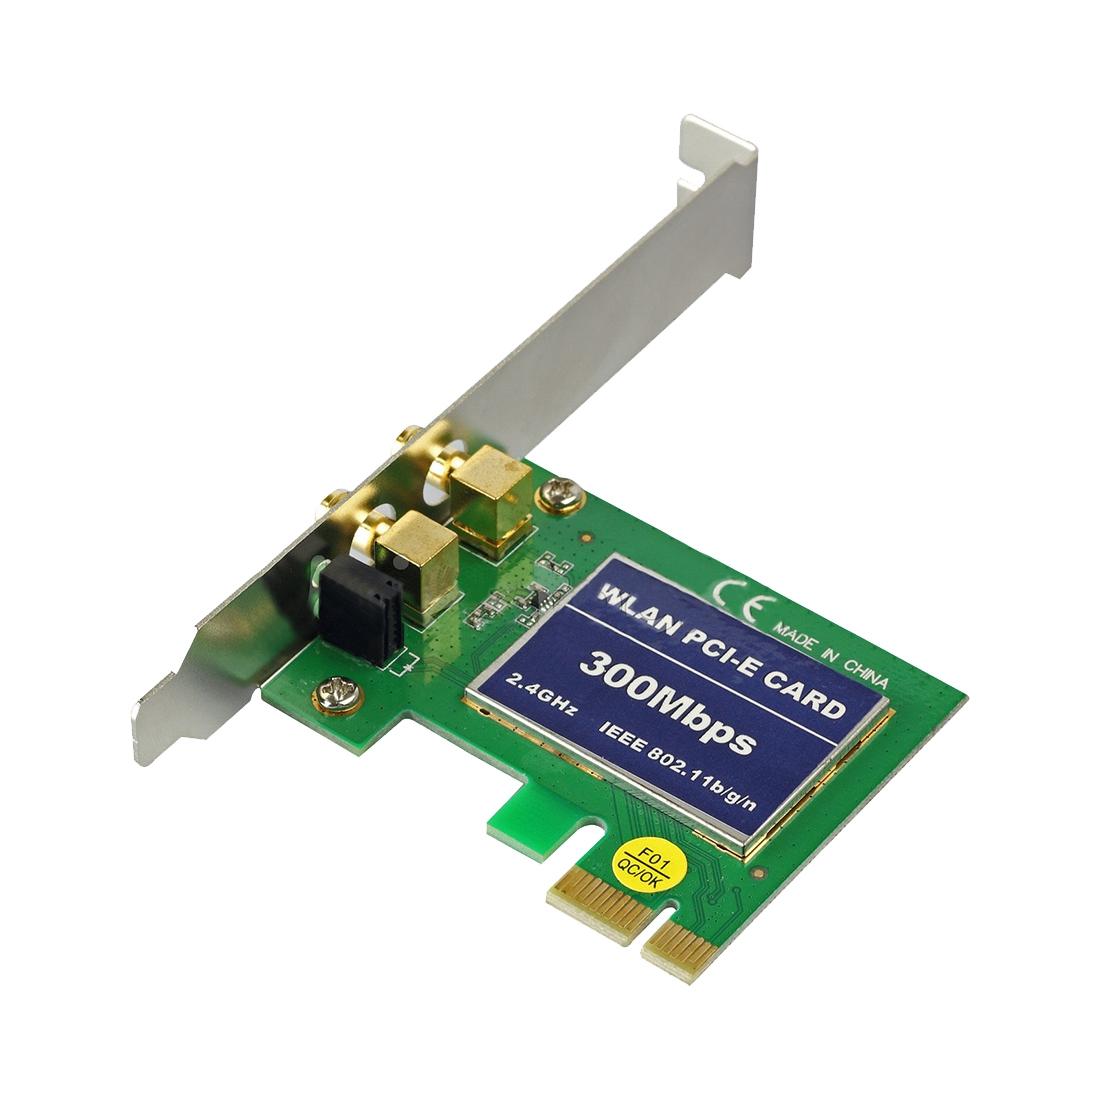 300mbps sans fil n wifi carte reseau pci lan dongle for Antenne relais wifi maison